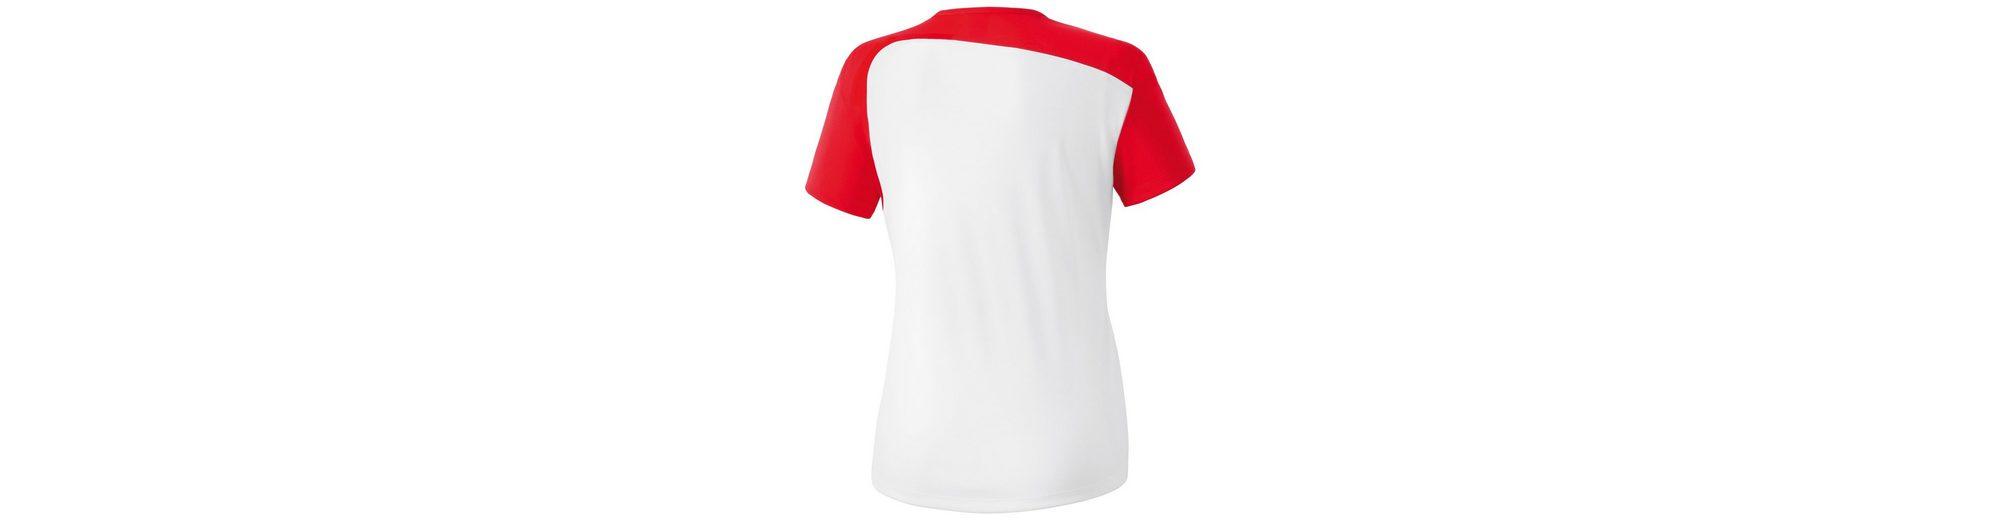 Vorbestellung Für Verkauf Auslass Manchester Großer Verkauf ERIMA CLUB 1900 T-Shirt Damen Wie Viel Günstig Online Auslauf Perfekte Online-Verkauf MGBif